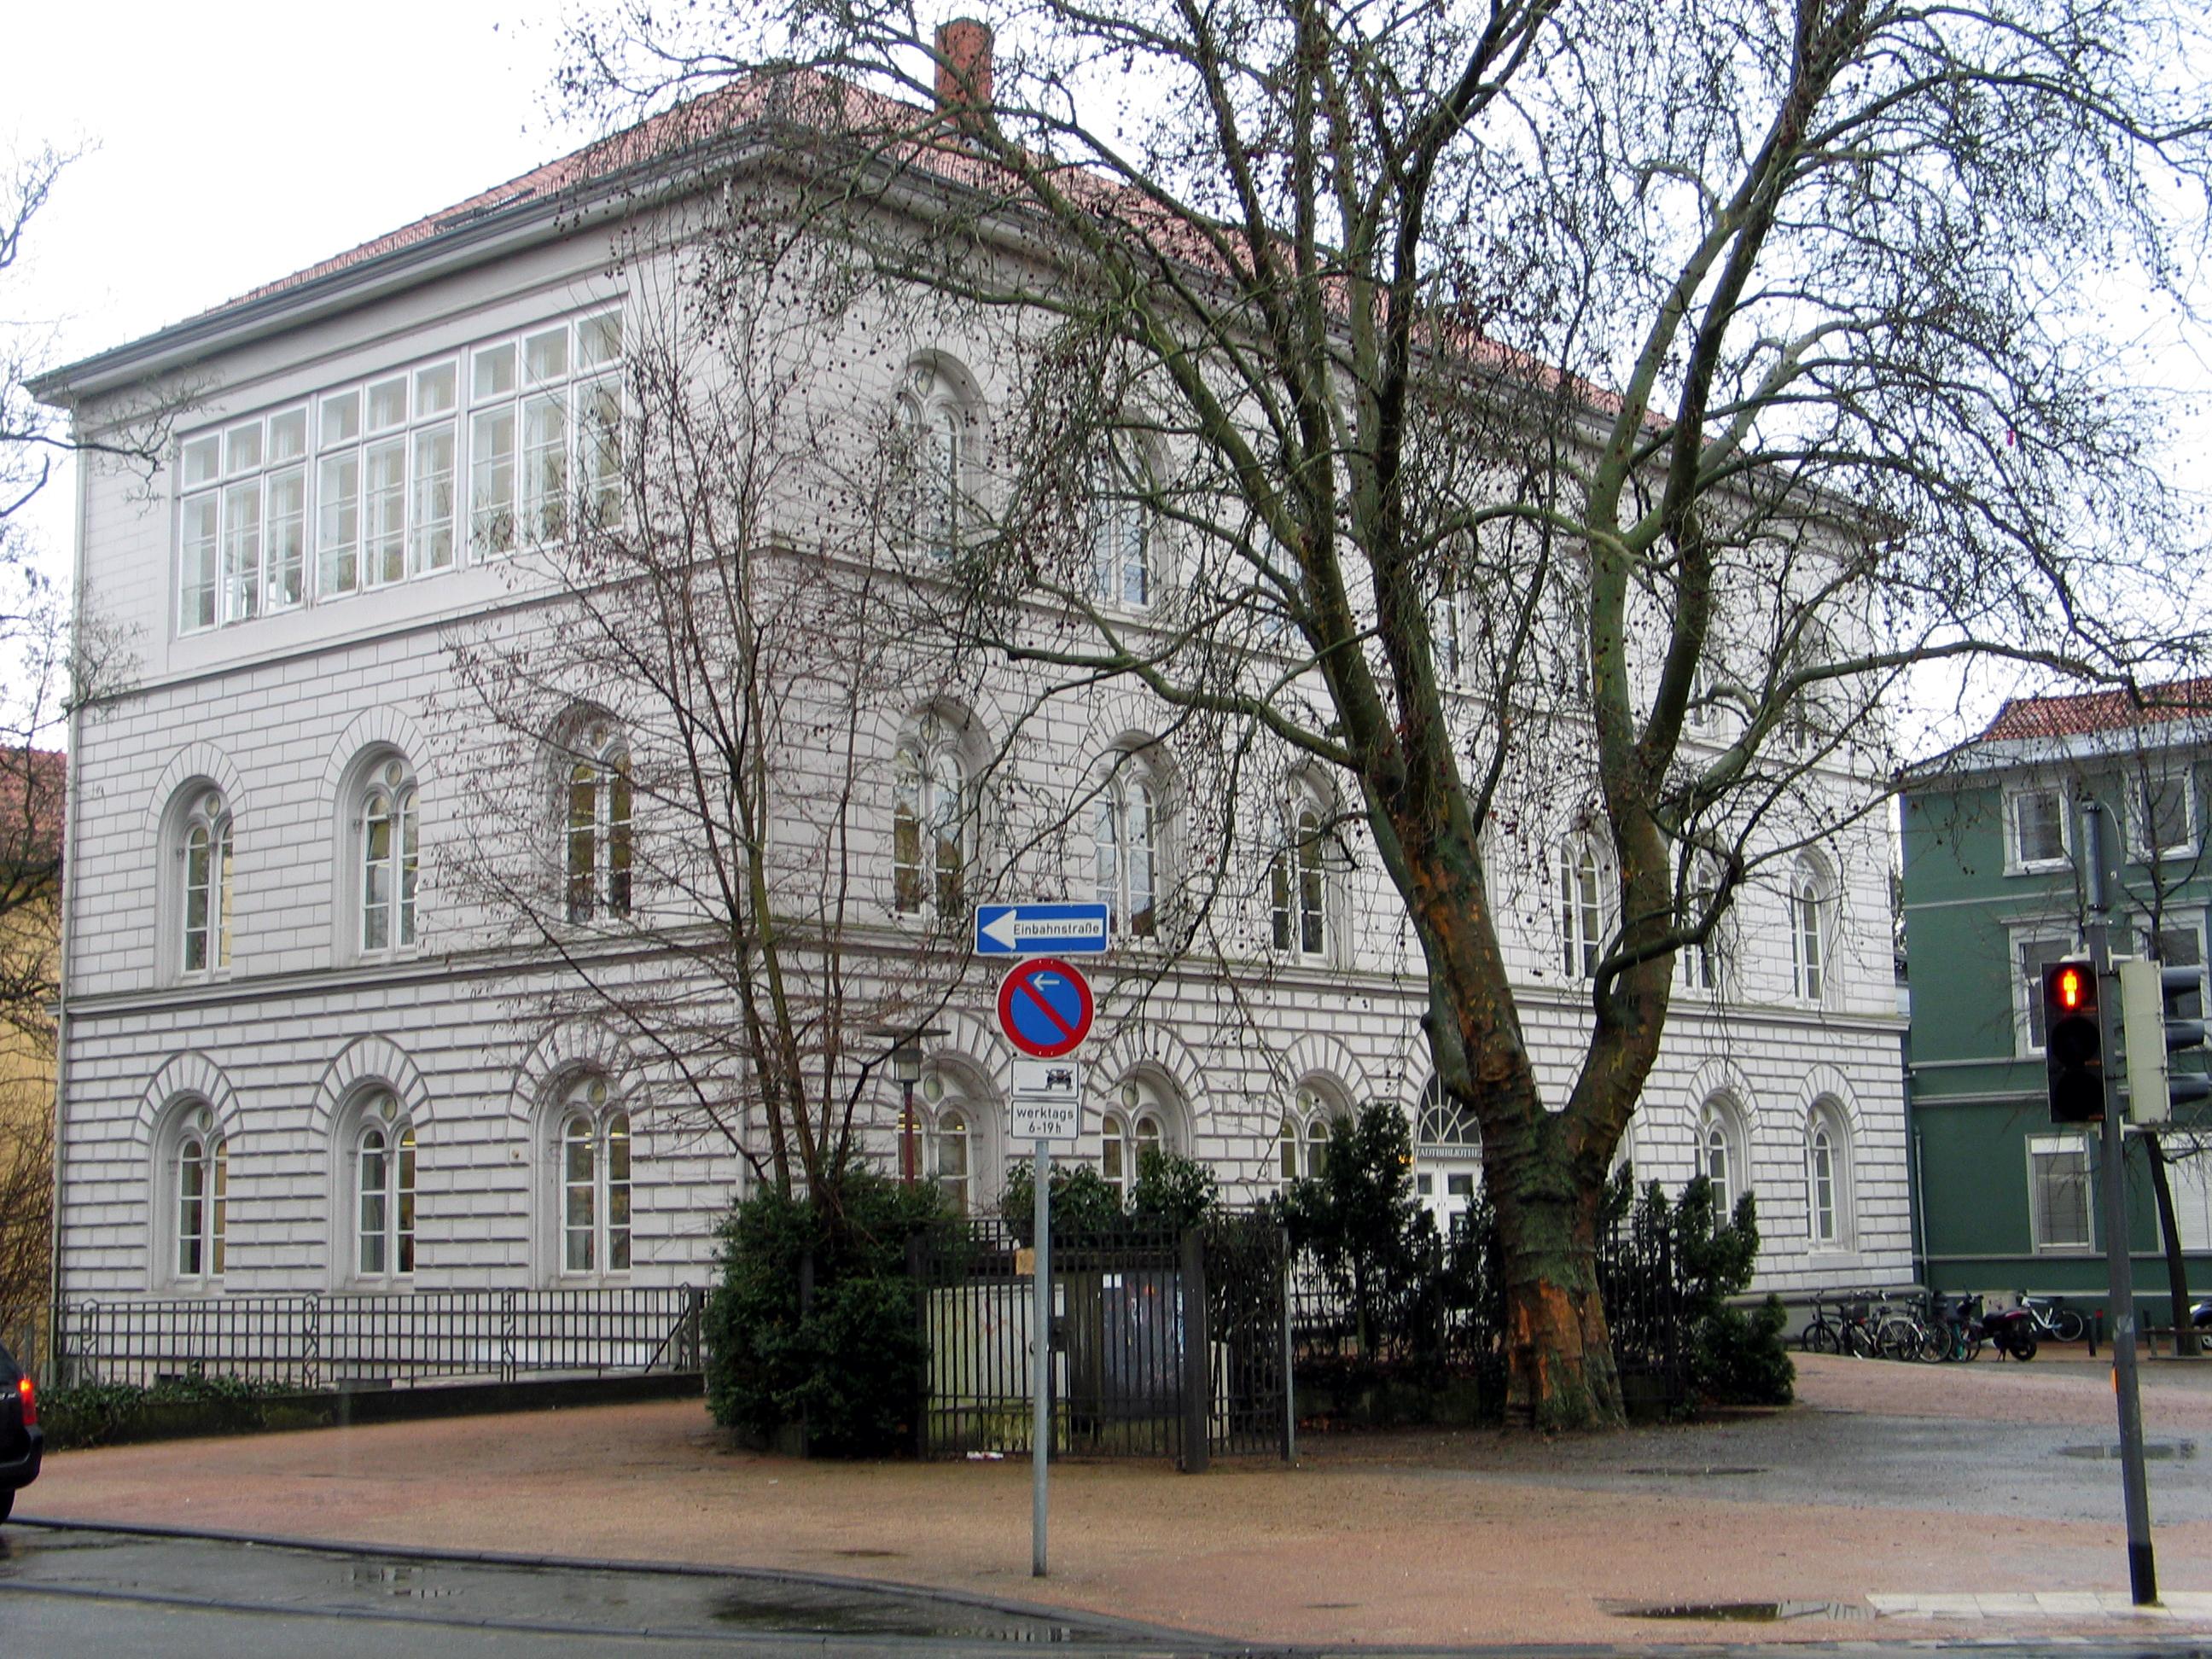 Bild Arno Schmidt Platz in Celle